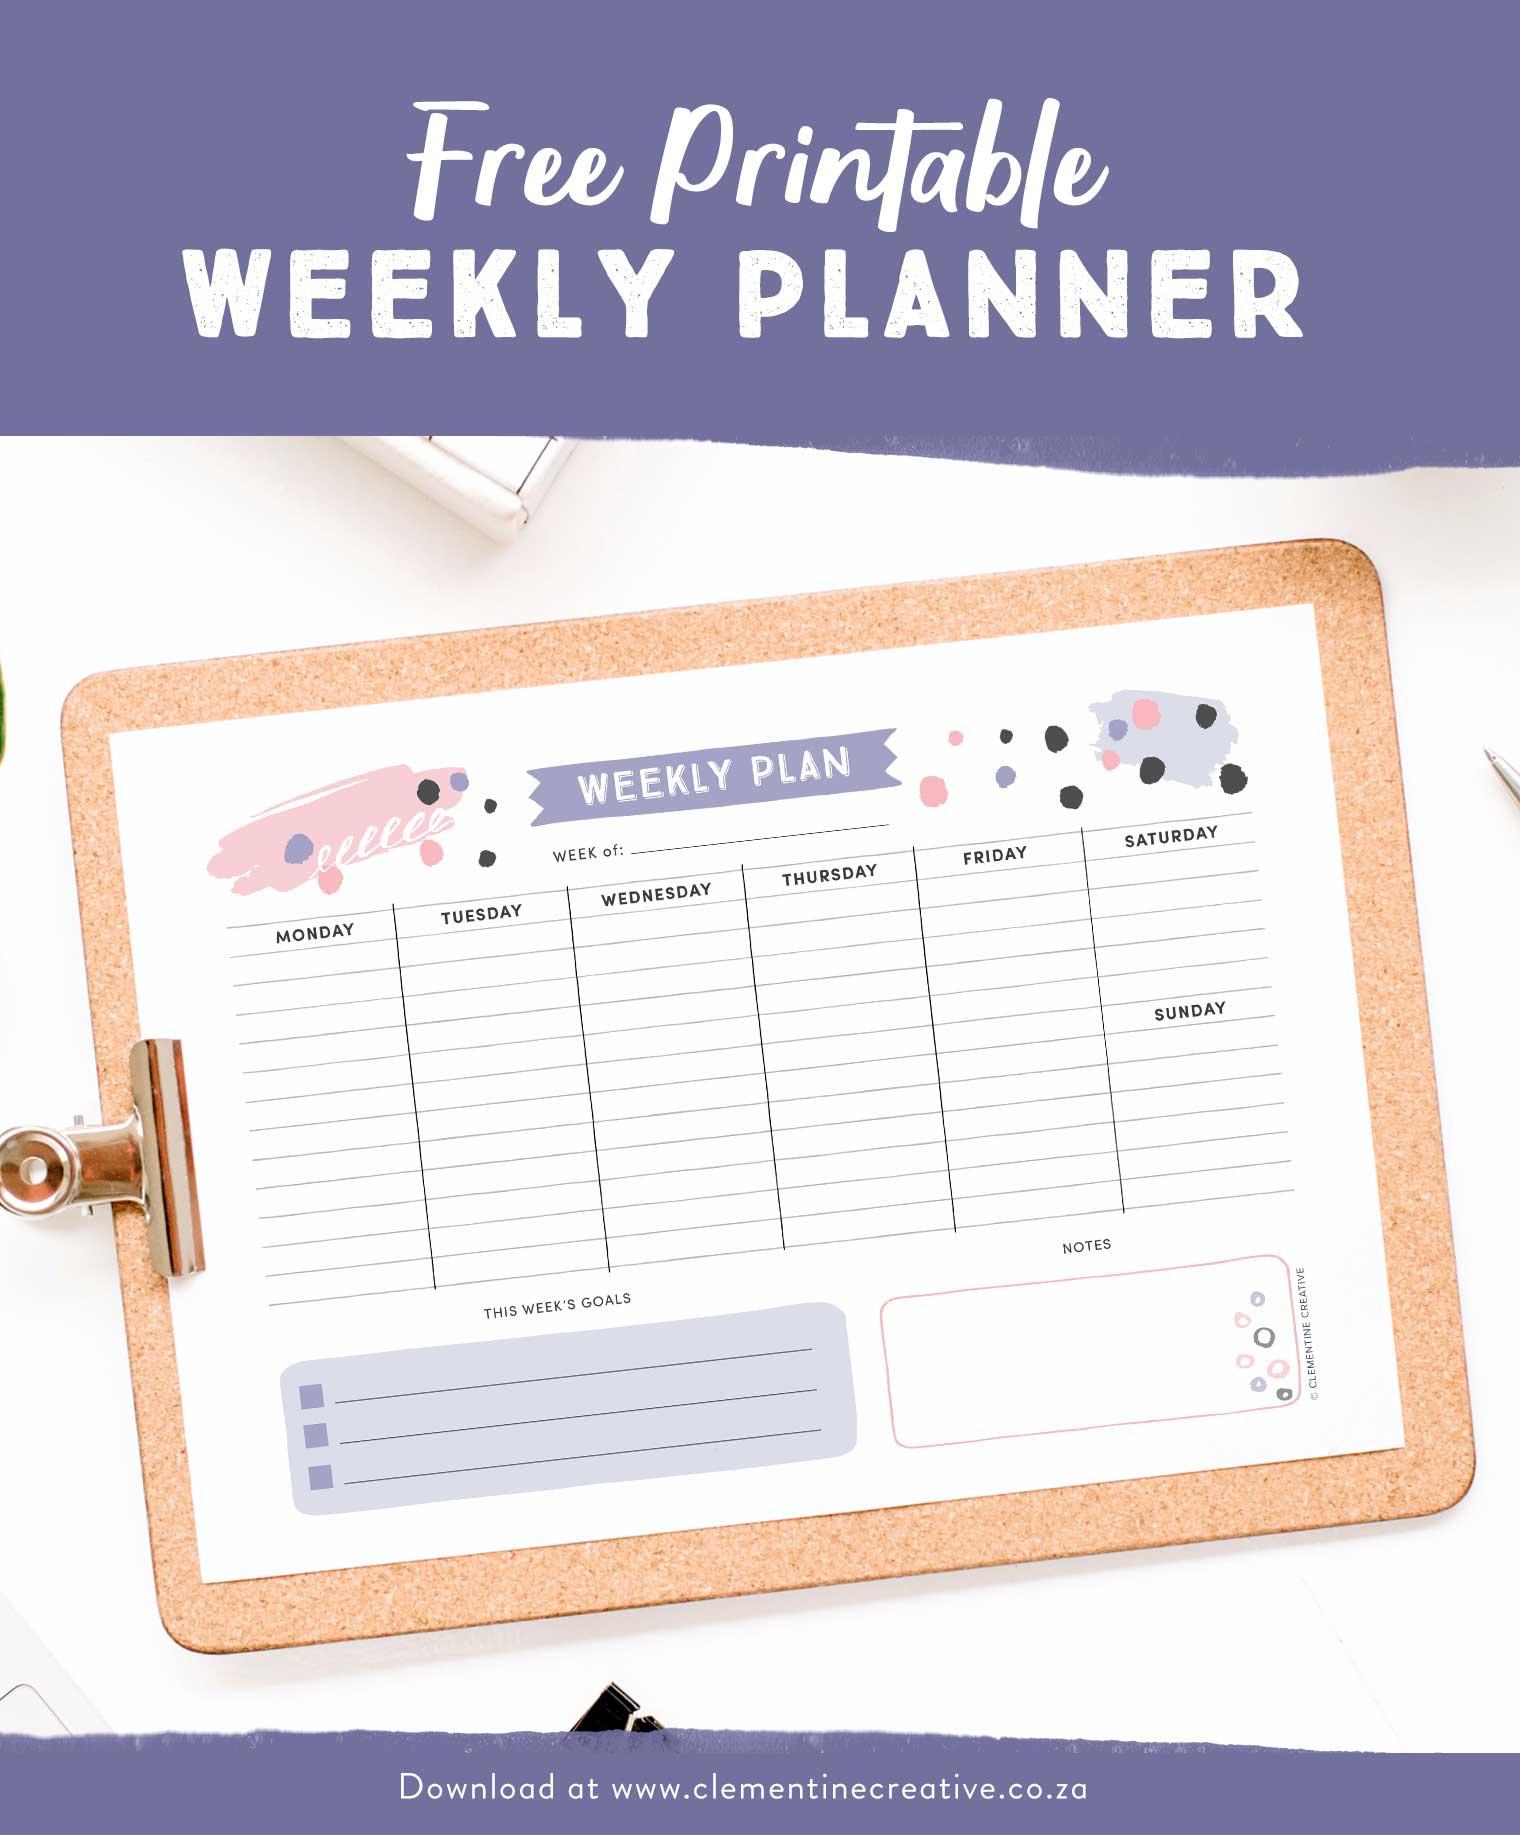 Get Organised With This Free Printable Weekly Planner - Cute - Planner Printable Free